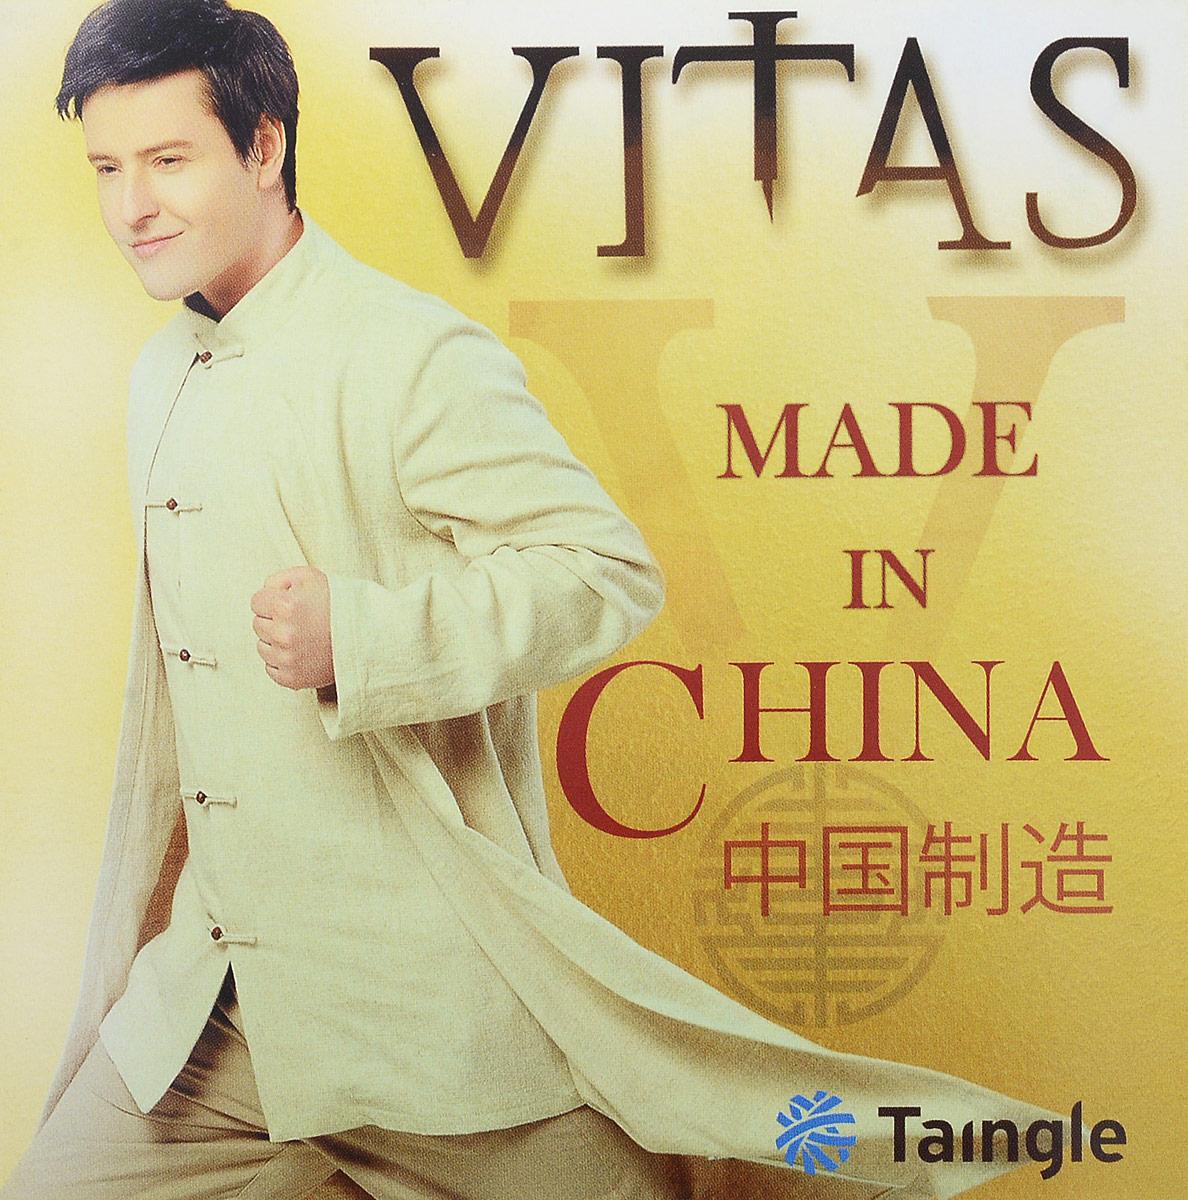 купить Витас Витас. Made in China по цене 299 рублей